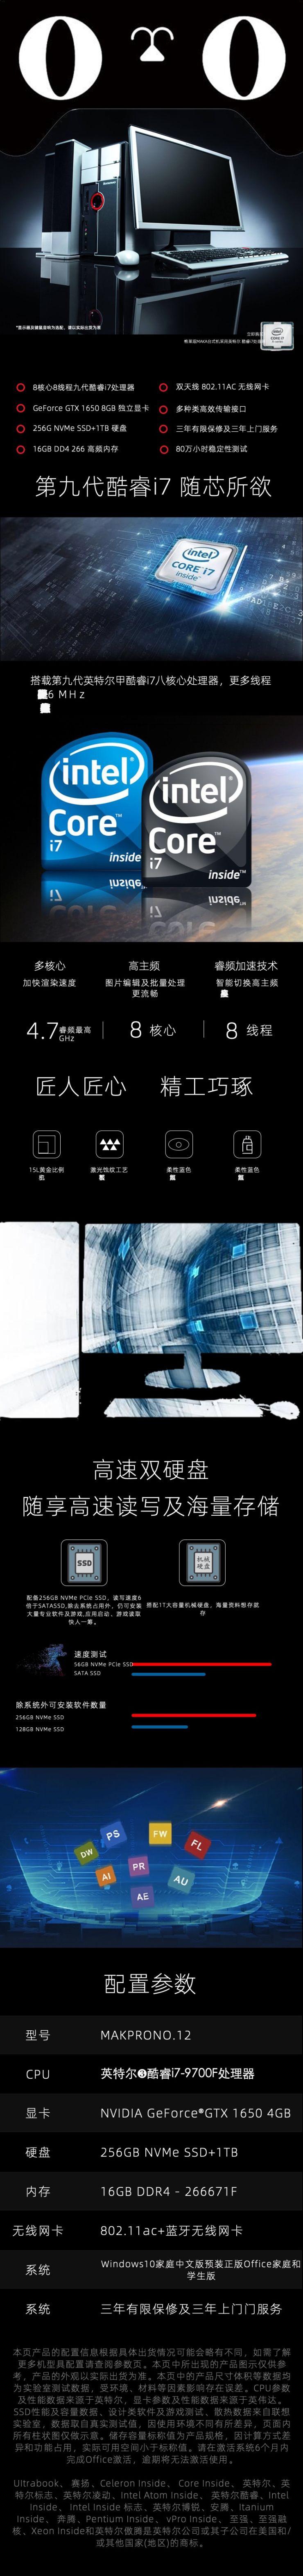 电脑硬件电脑配置扁平简约风格电商产品宝贝详情页海报